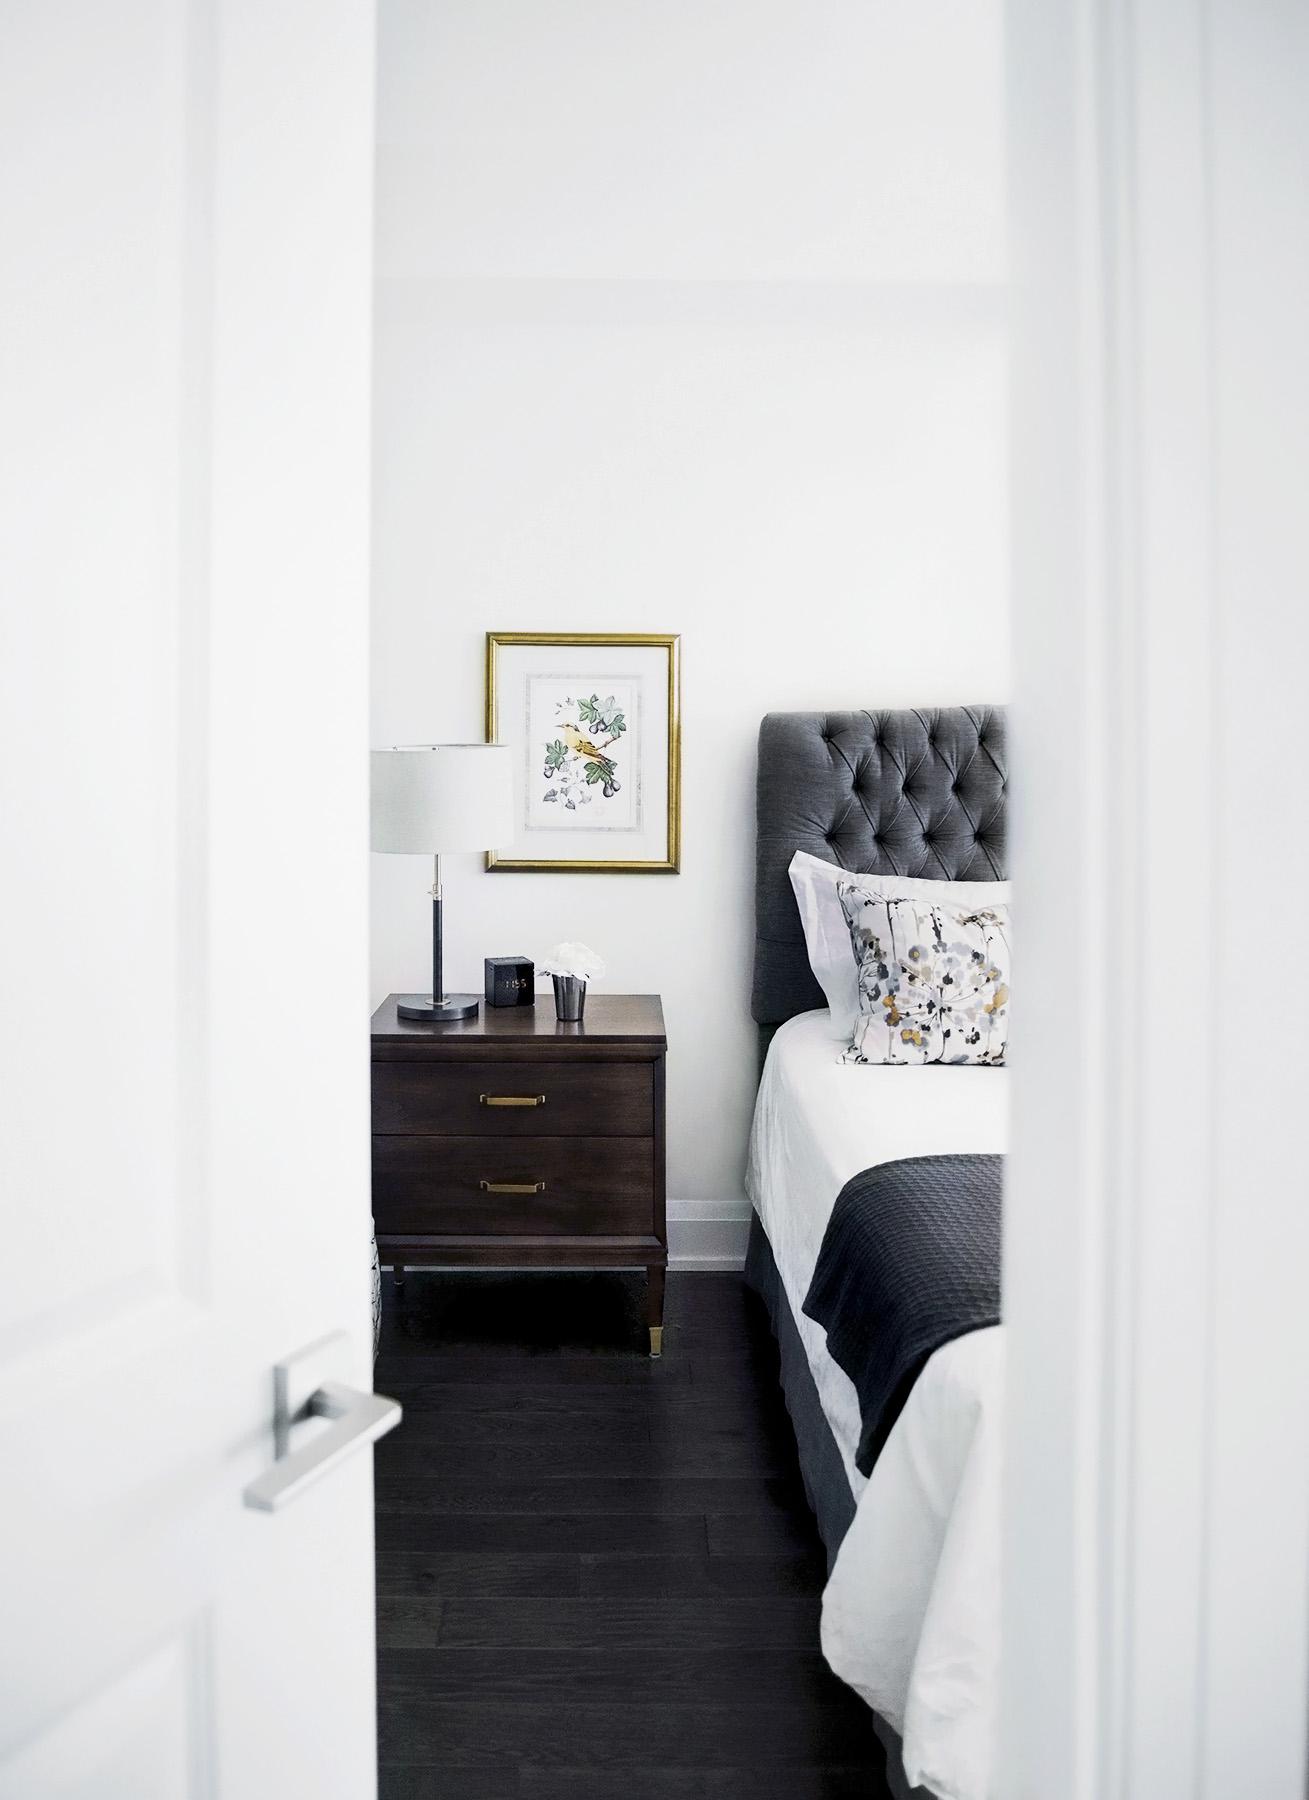 Master bedroom doorway in Old Mill condo in the Kingsway